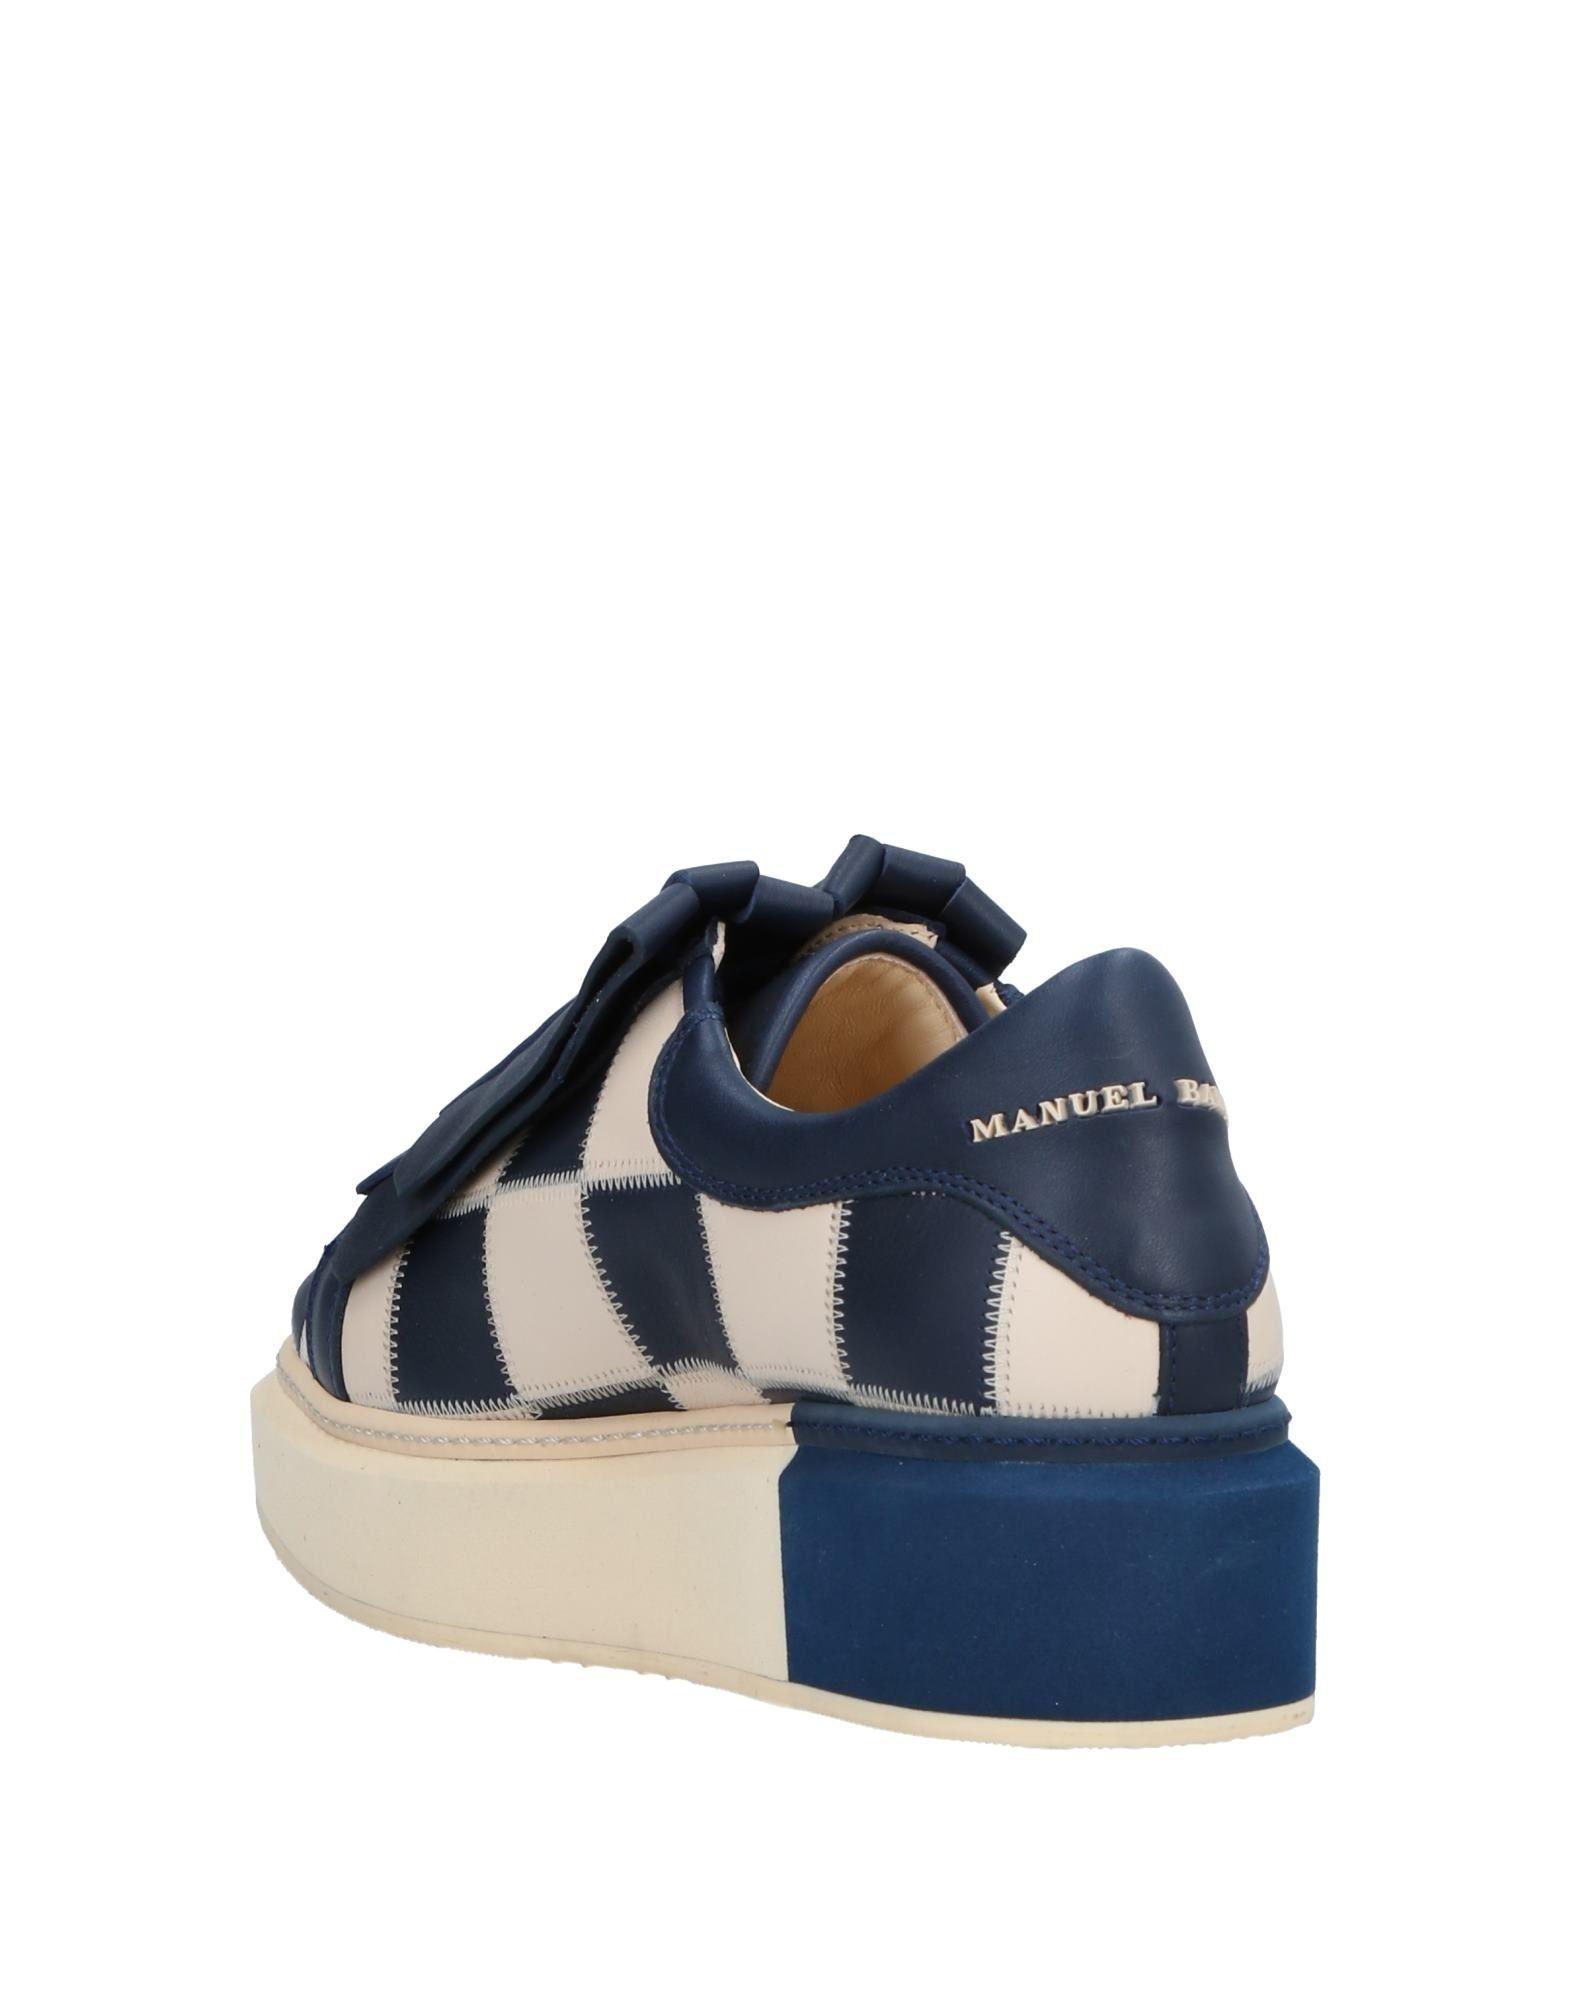 Barceló Manuel Barceló  Sneakers Damen  11539002HE 86f018